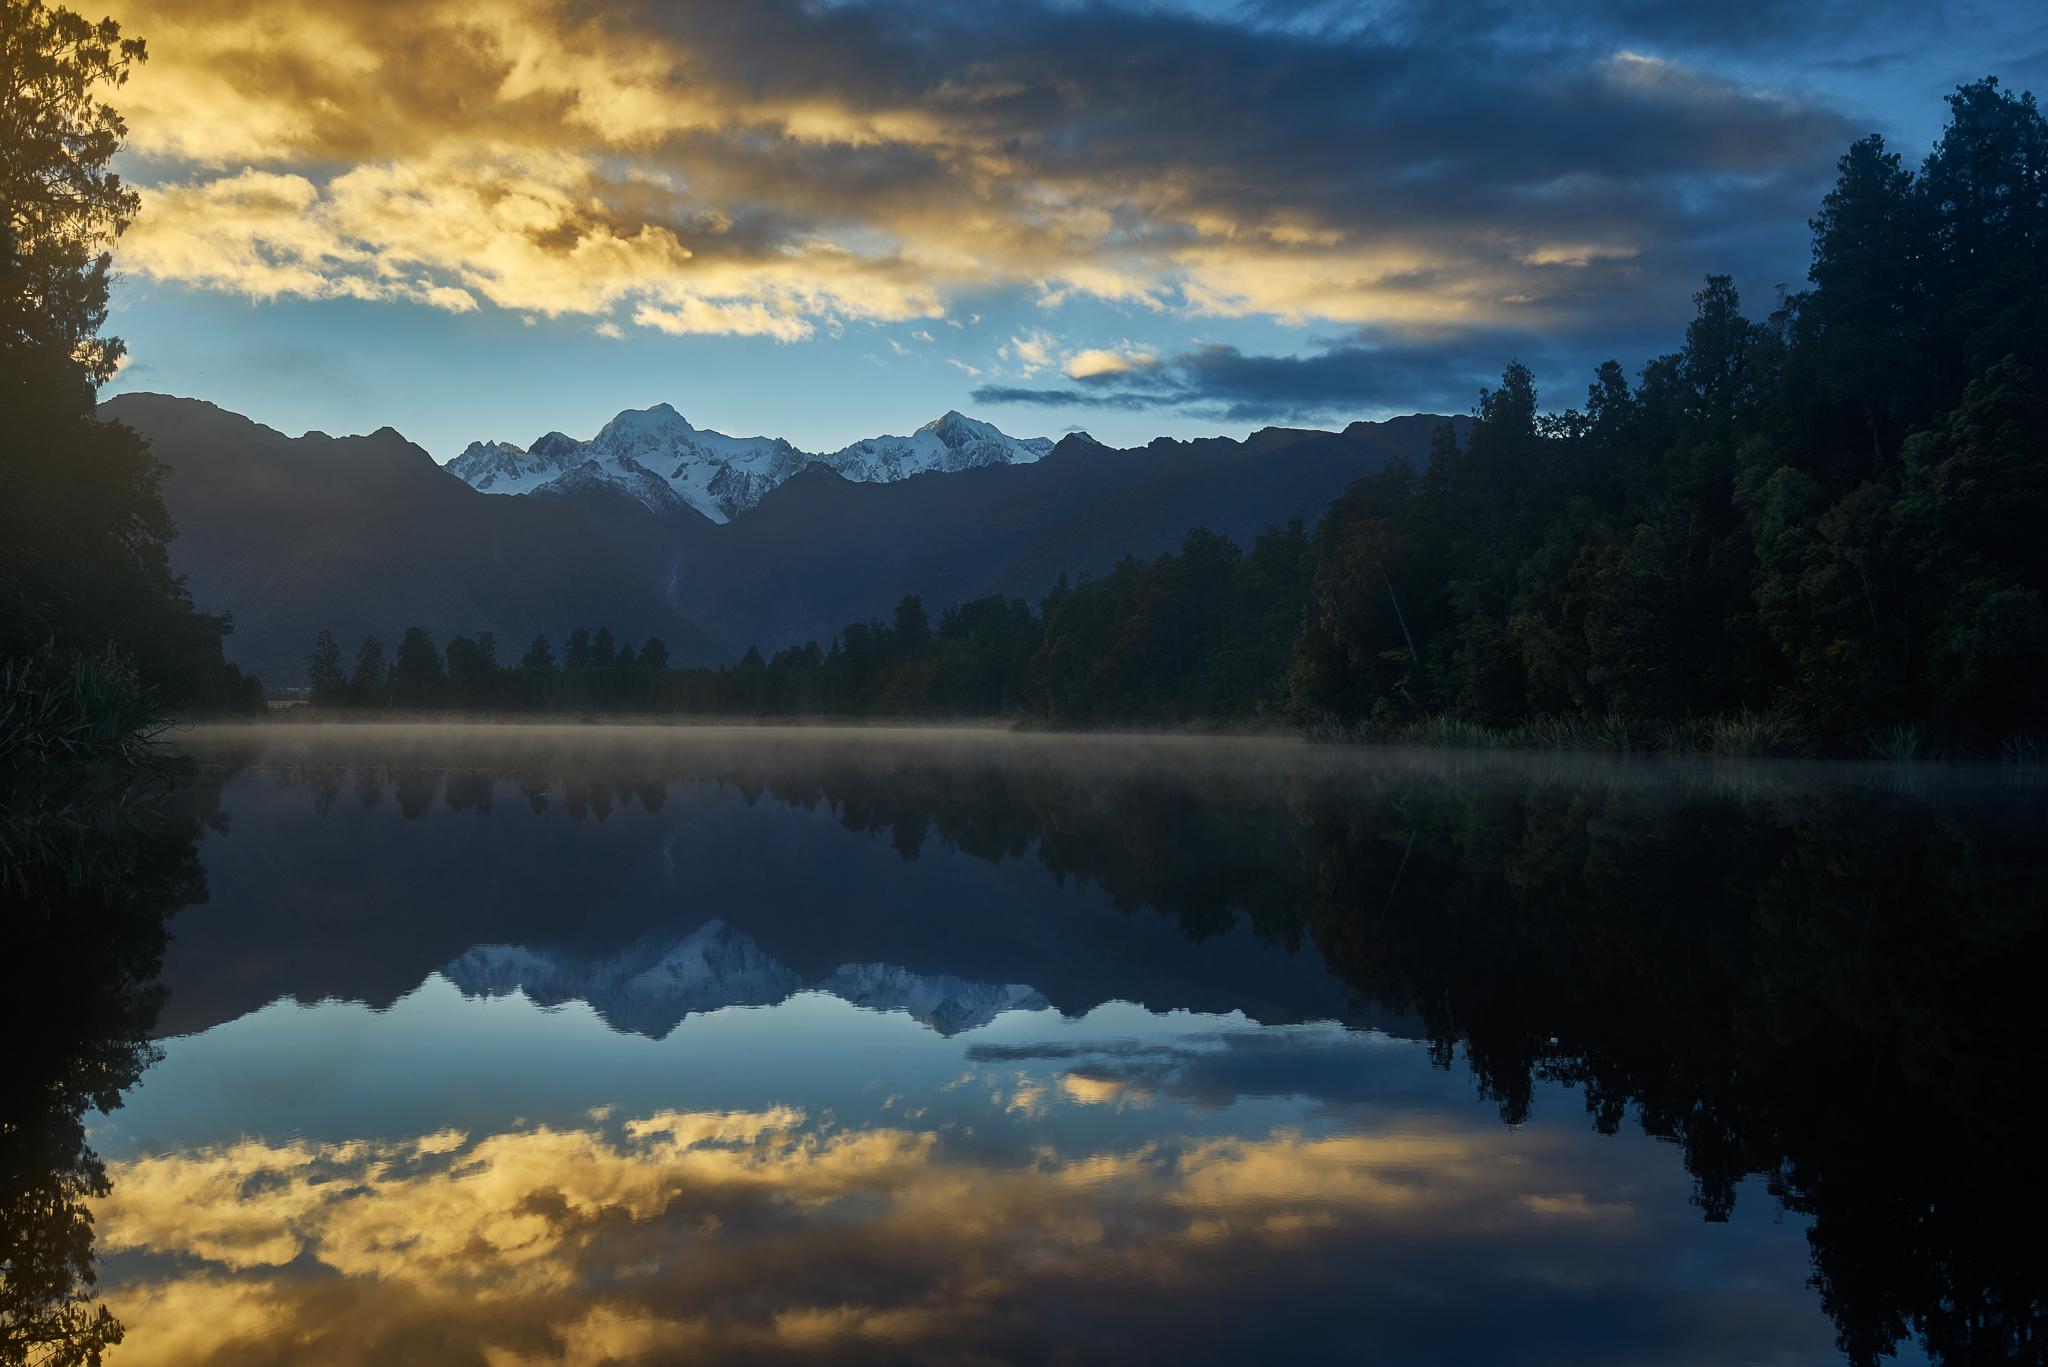 Lake Matheson, New Zealand, New Zealand